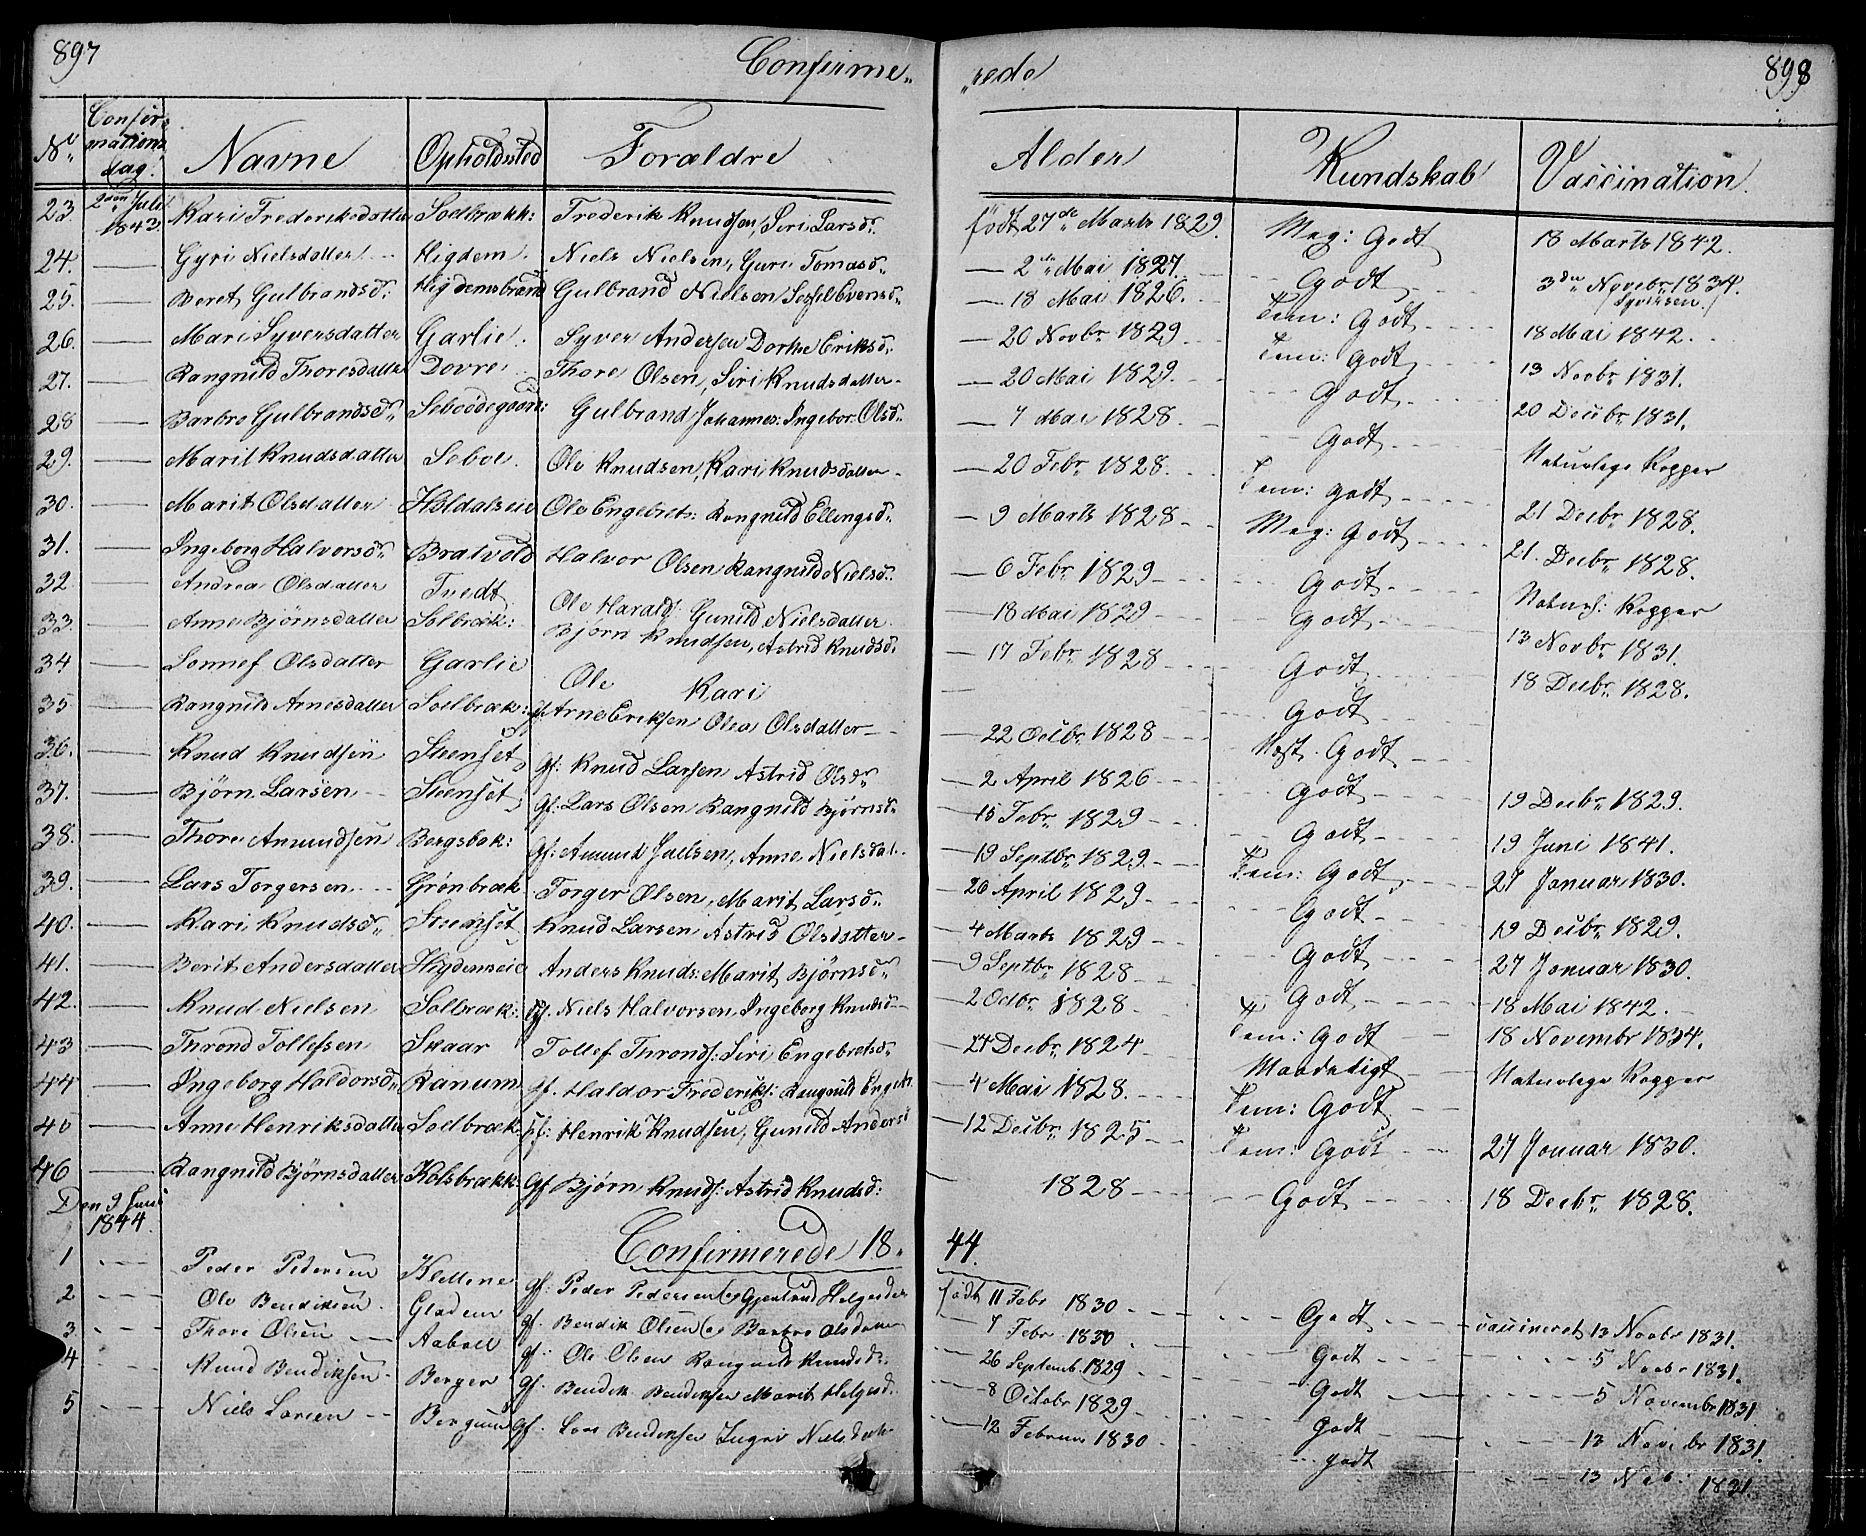 SAH, Nord-Aurdal prestekontor, Klokkerbok nr. 1, 1834-1887, s. 897-898